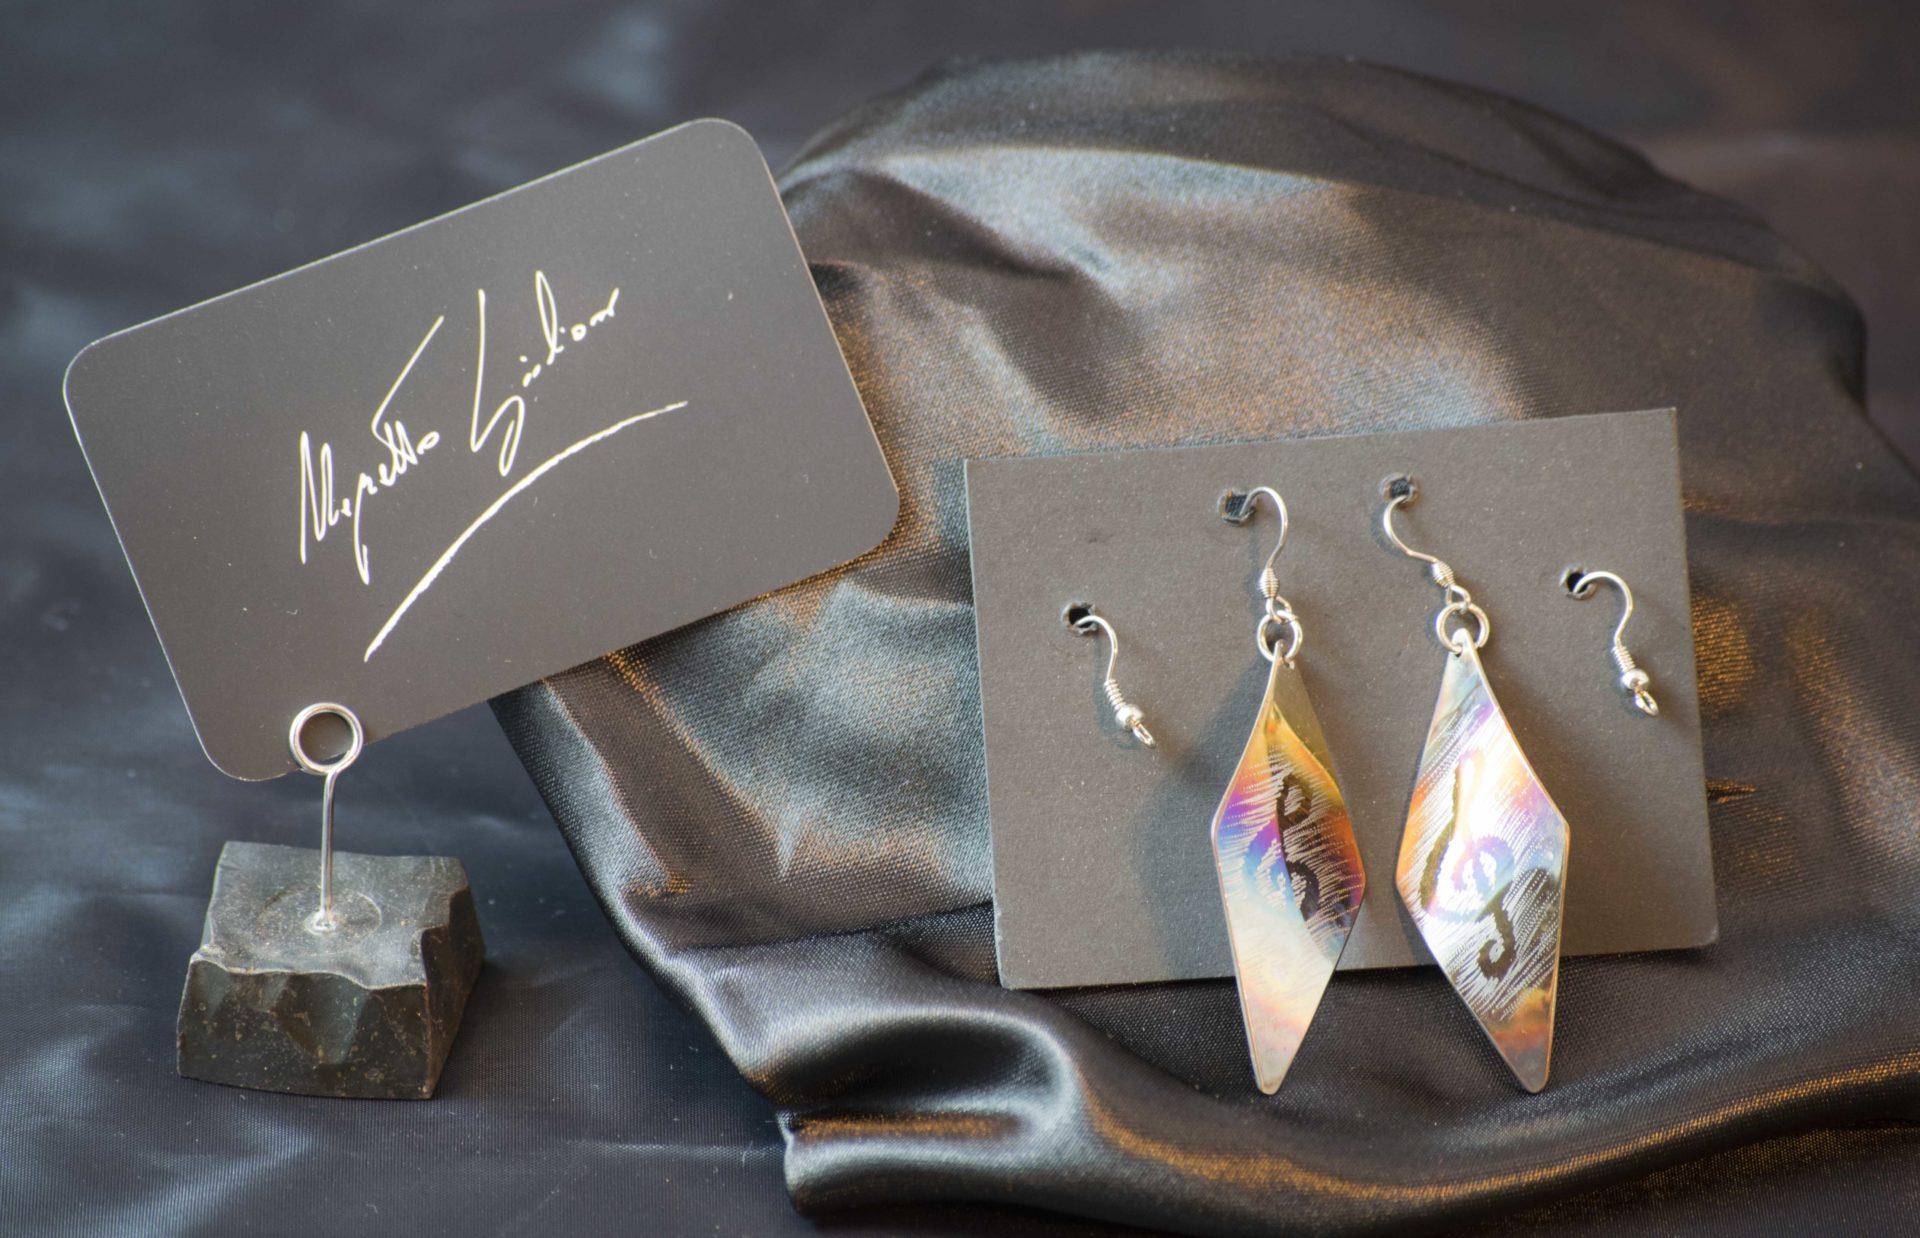 in vendita online negozio online Buoni prezzi Orecchini in acciaio con vari simboli colorati a fuoco.